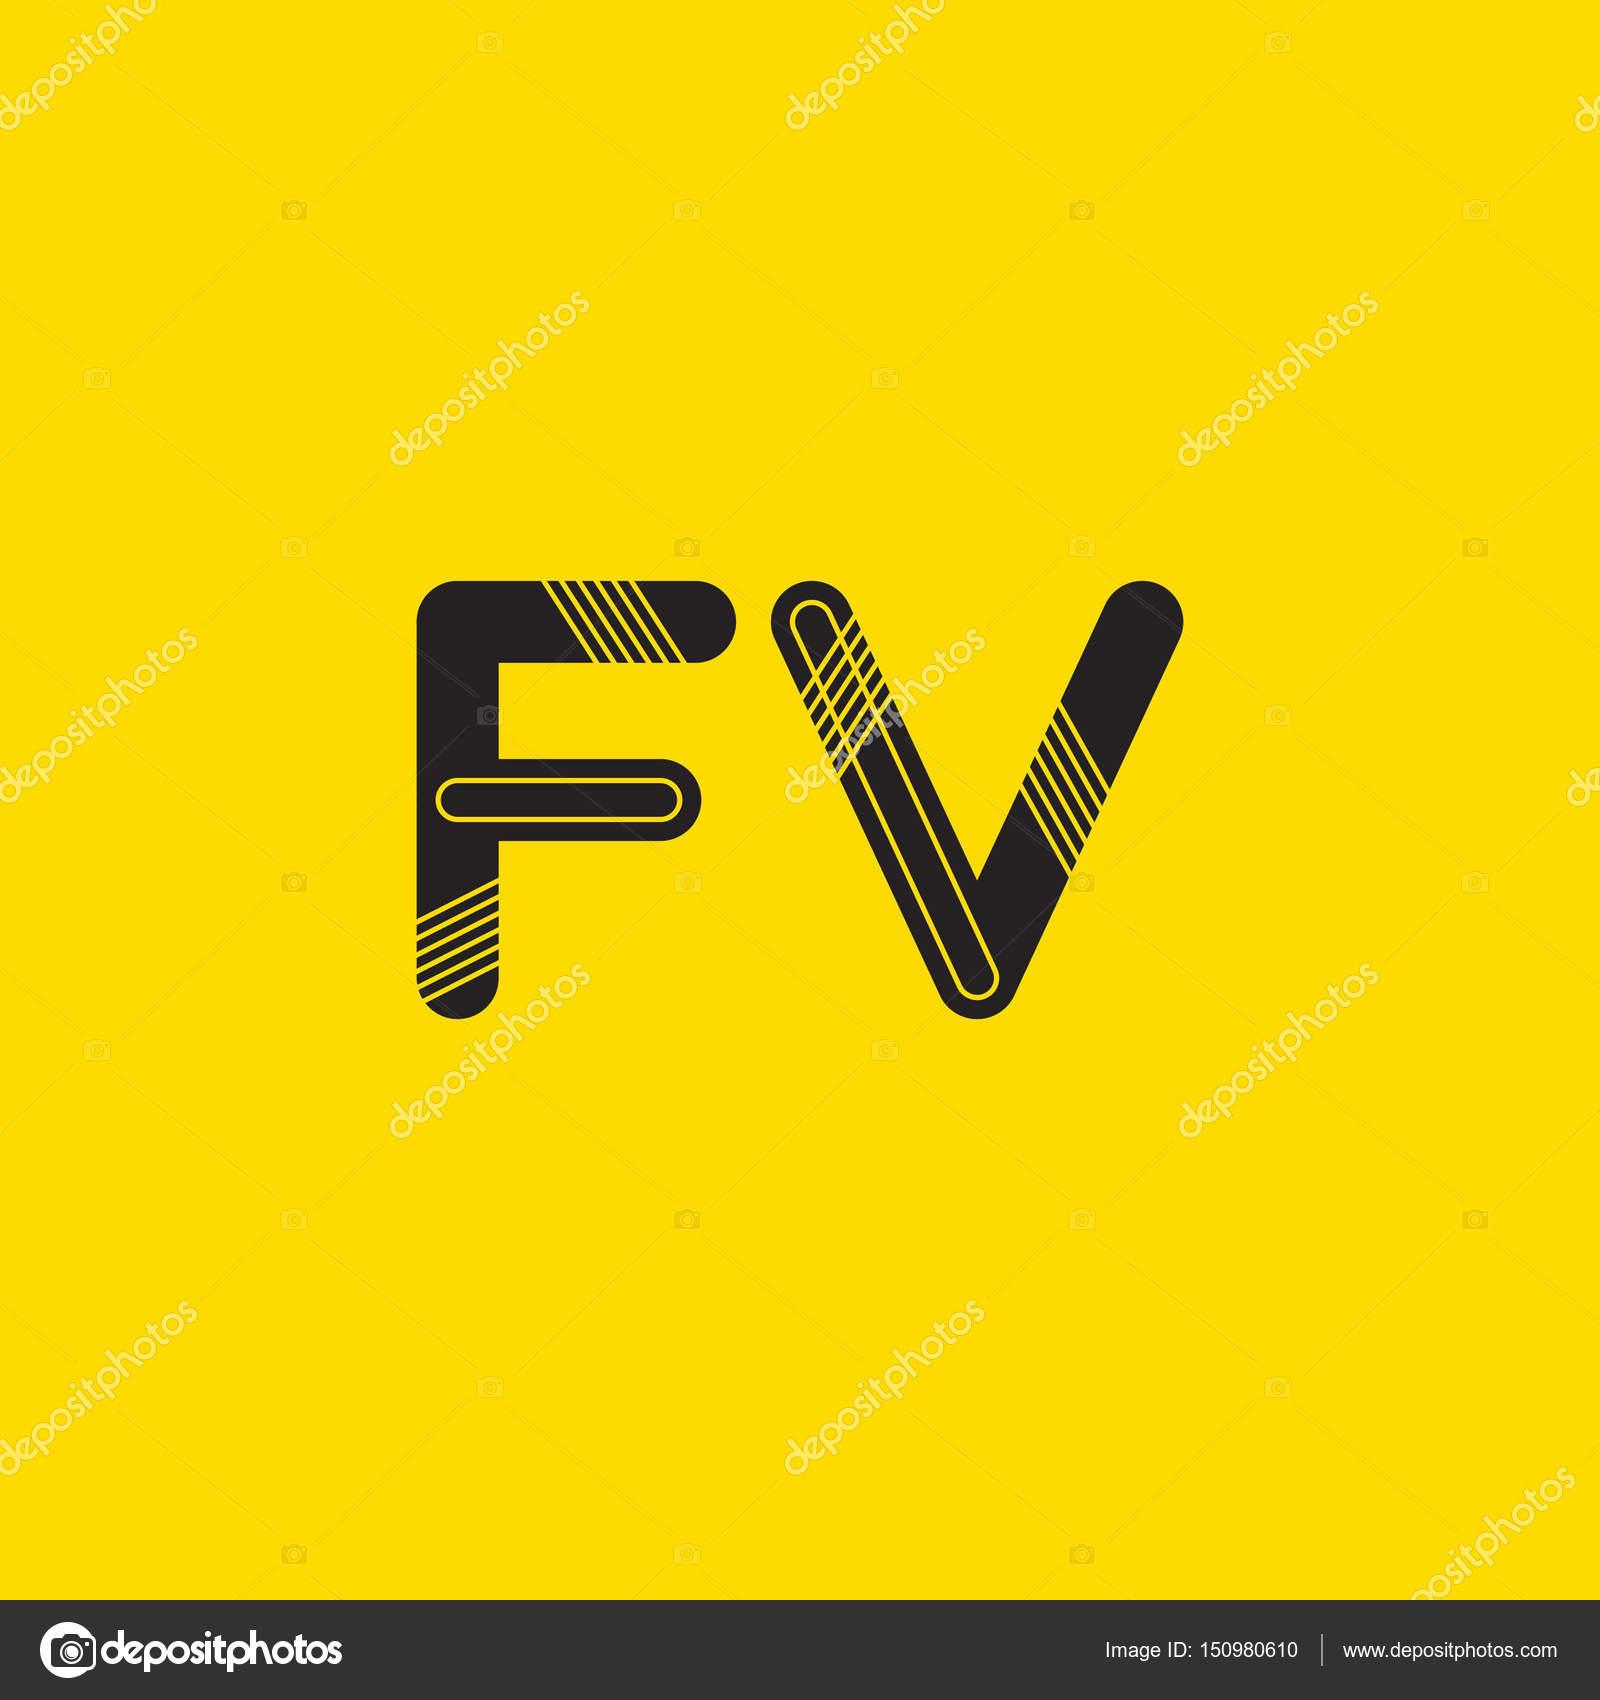 logo de lettres fv connecté image vectorielle brainbistro 150980610